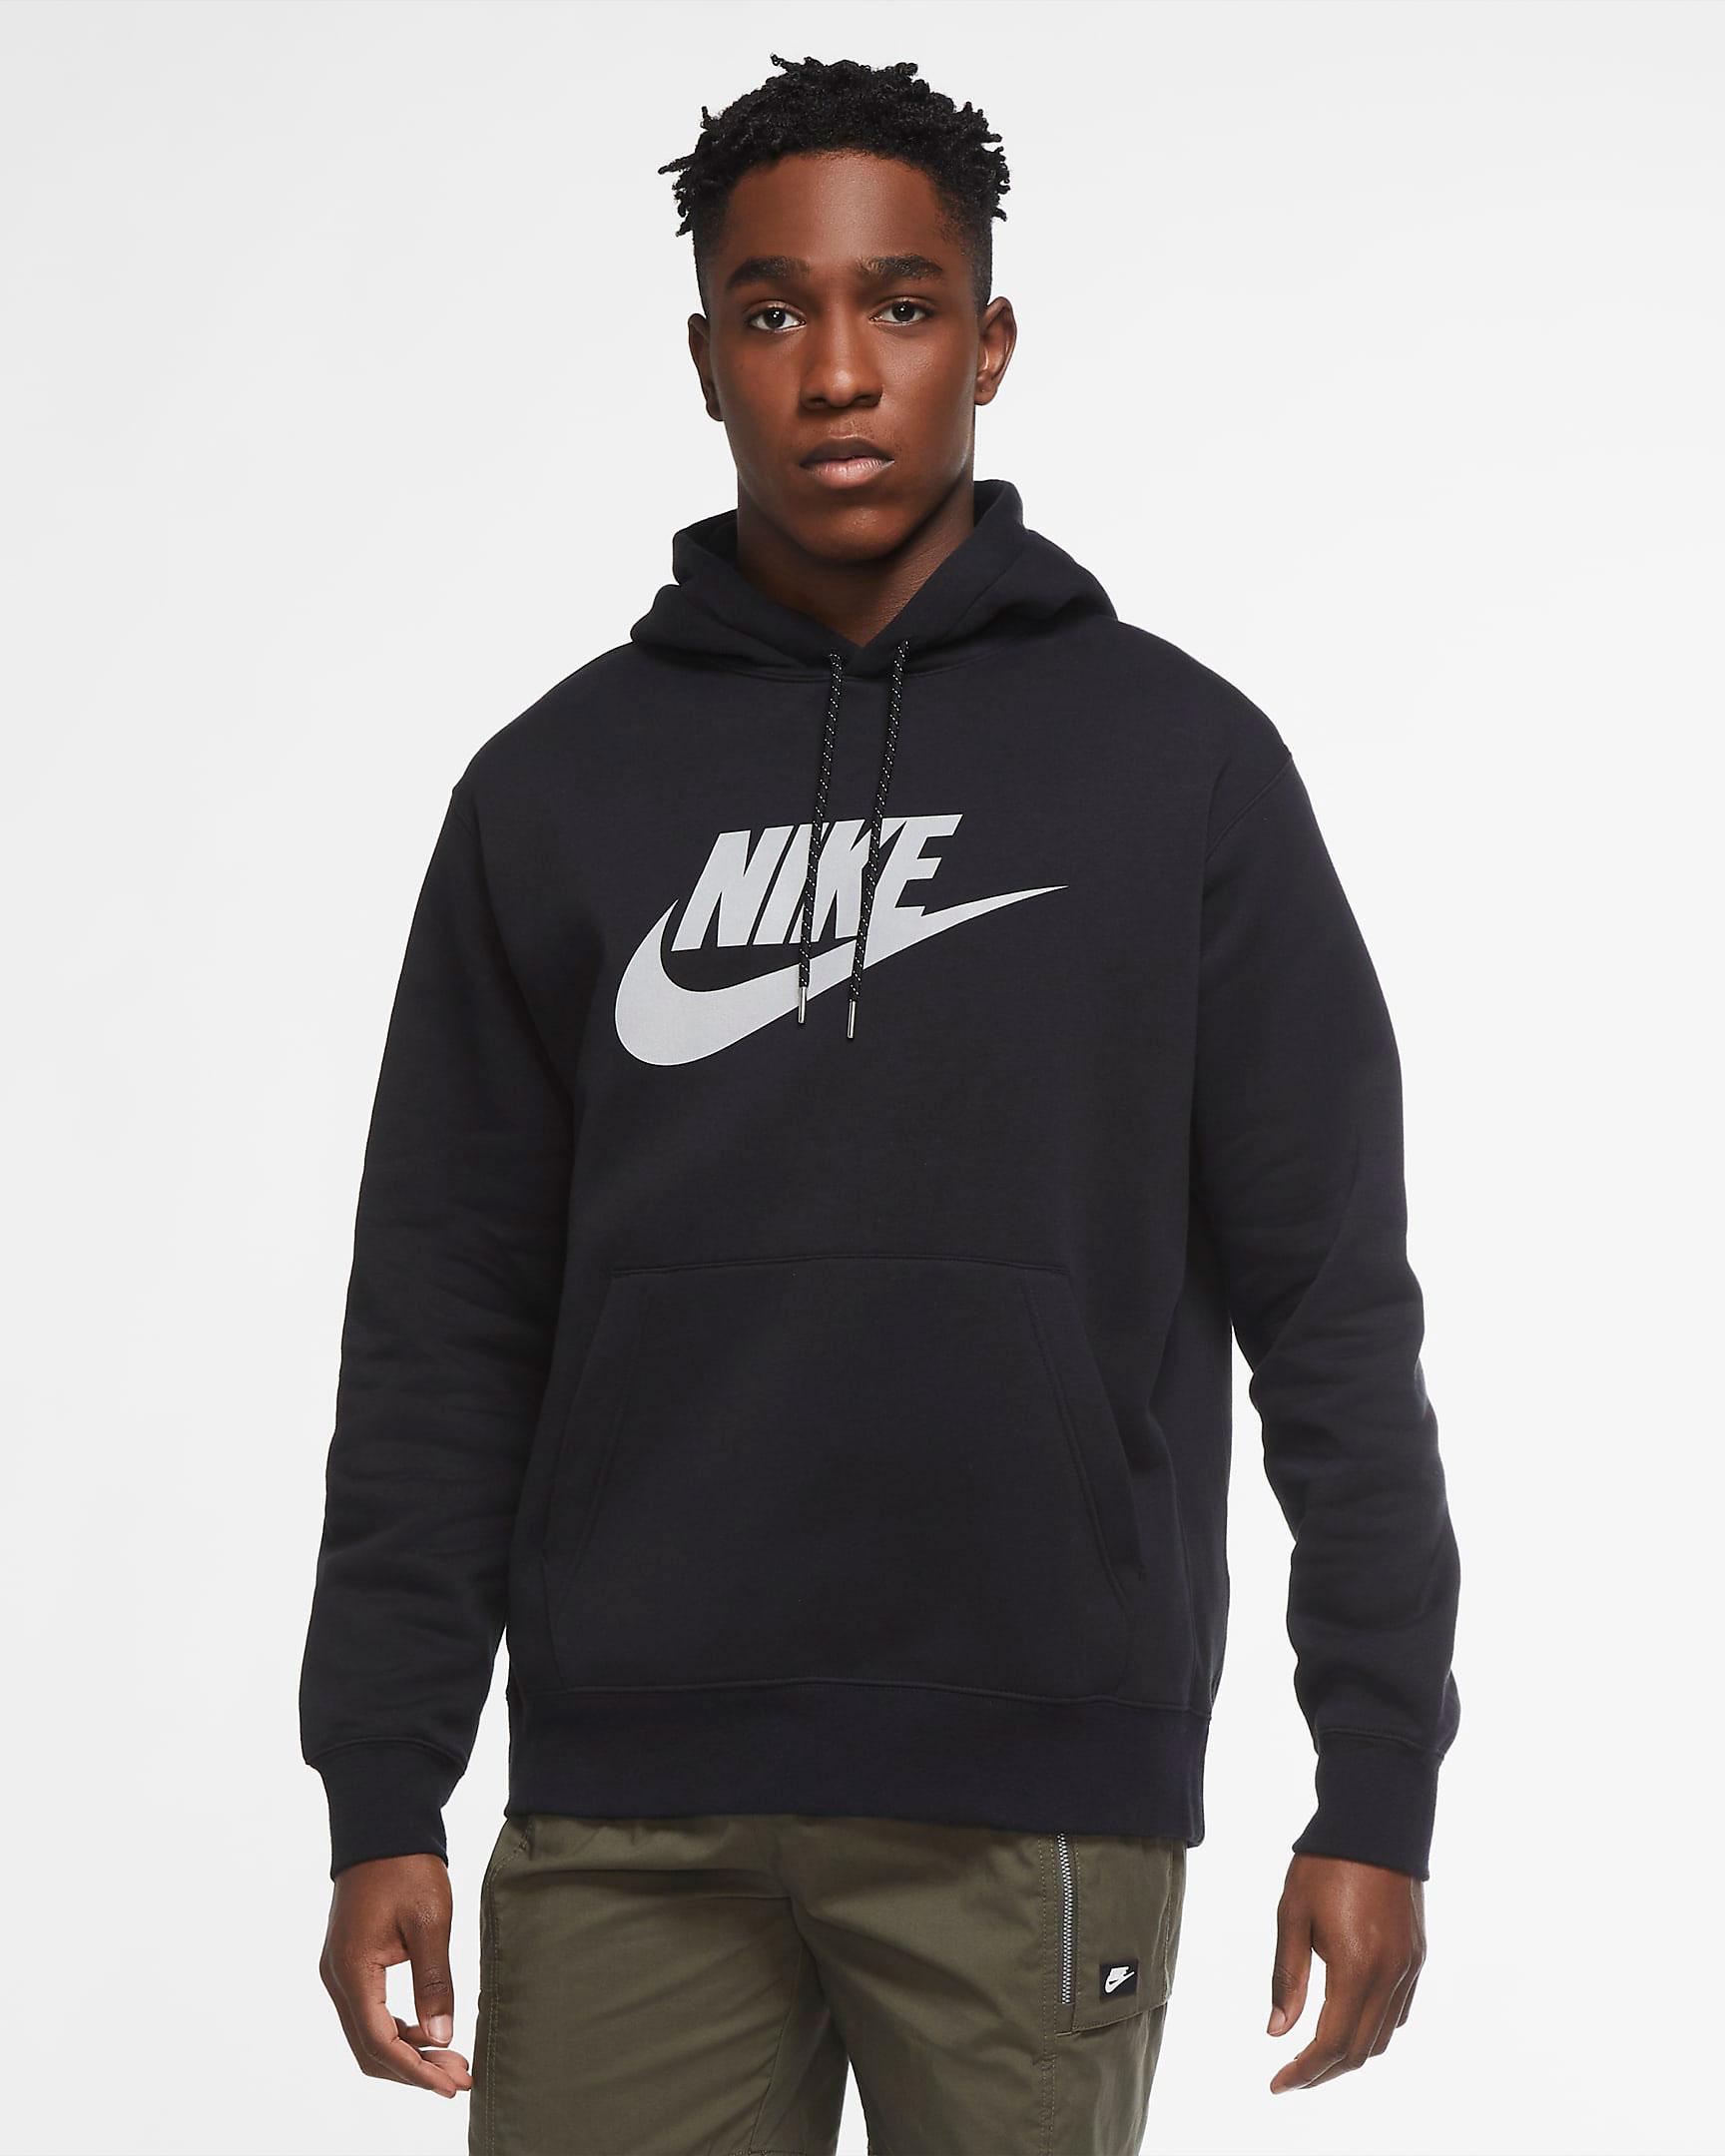 nike-foamposite-halloween-hoodie-black-silver